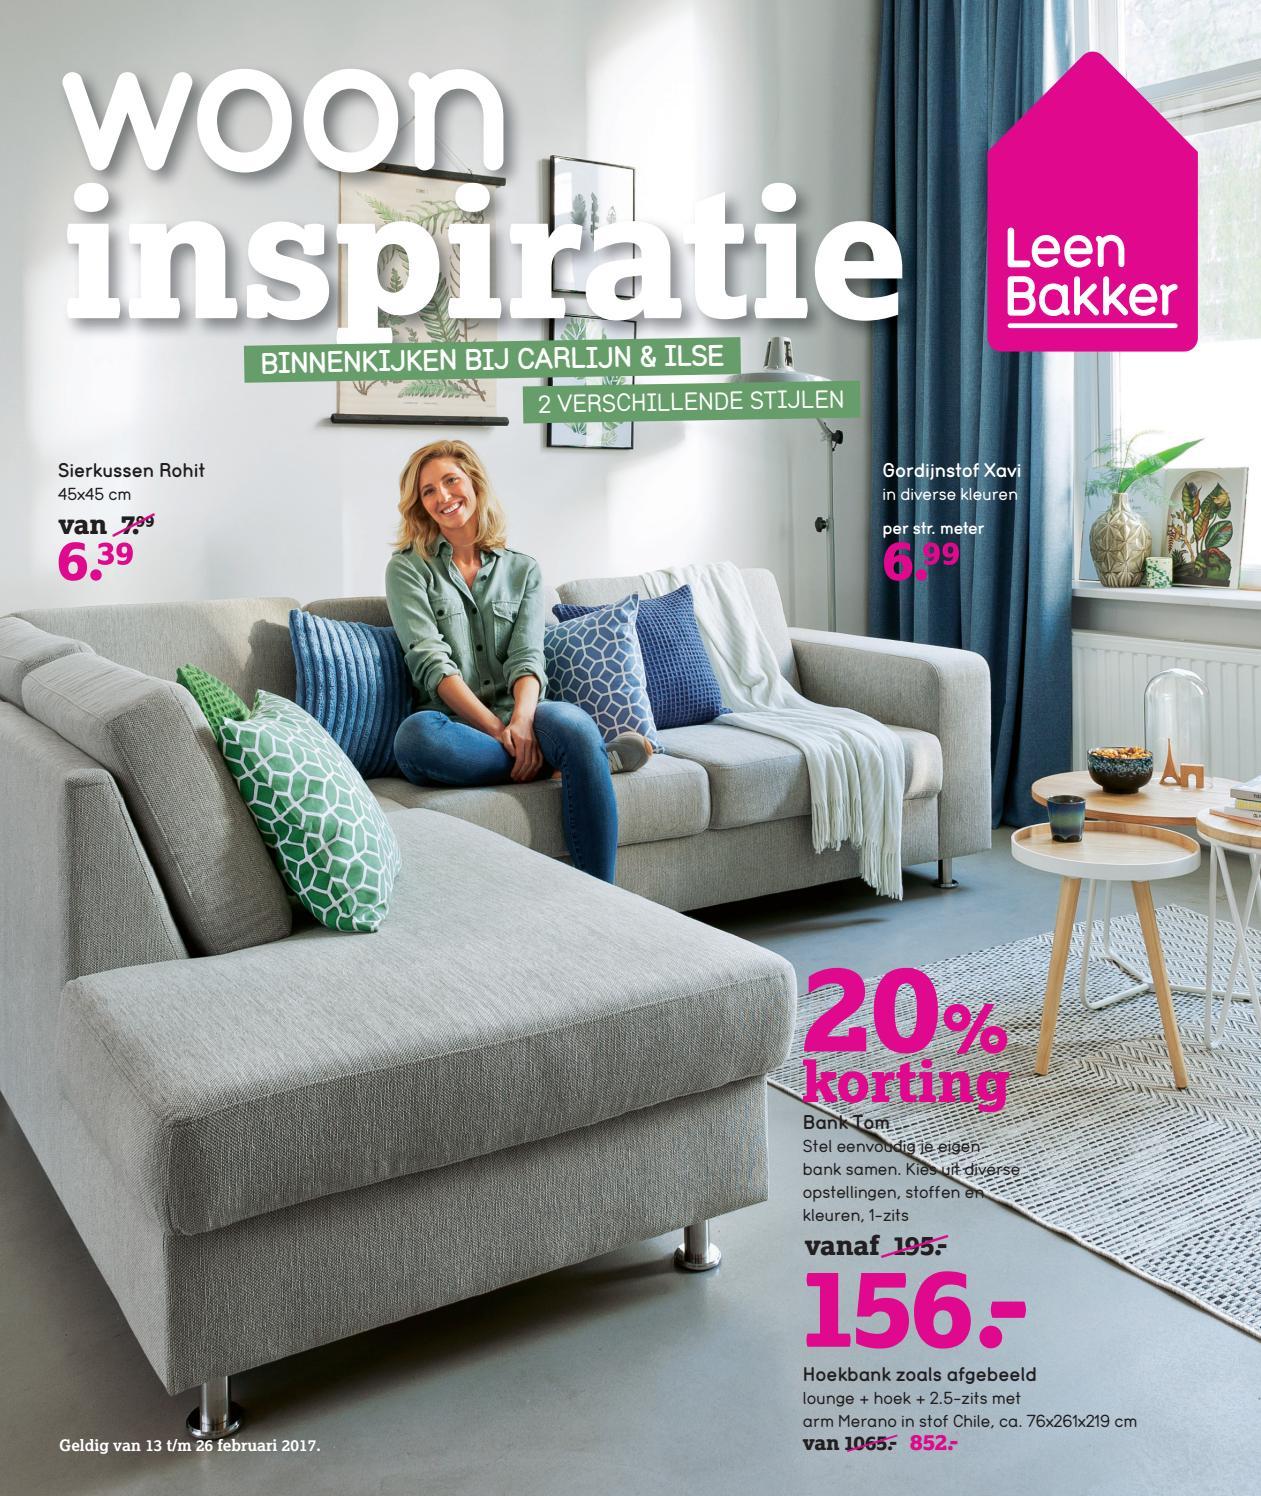 Stoffen Kast Leenbakker.Leen Bakker Nederland Nl Folder Week 07 2017 By Publisher 81 Nl Issuu